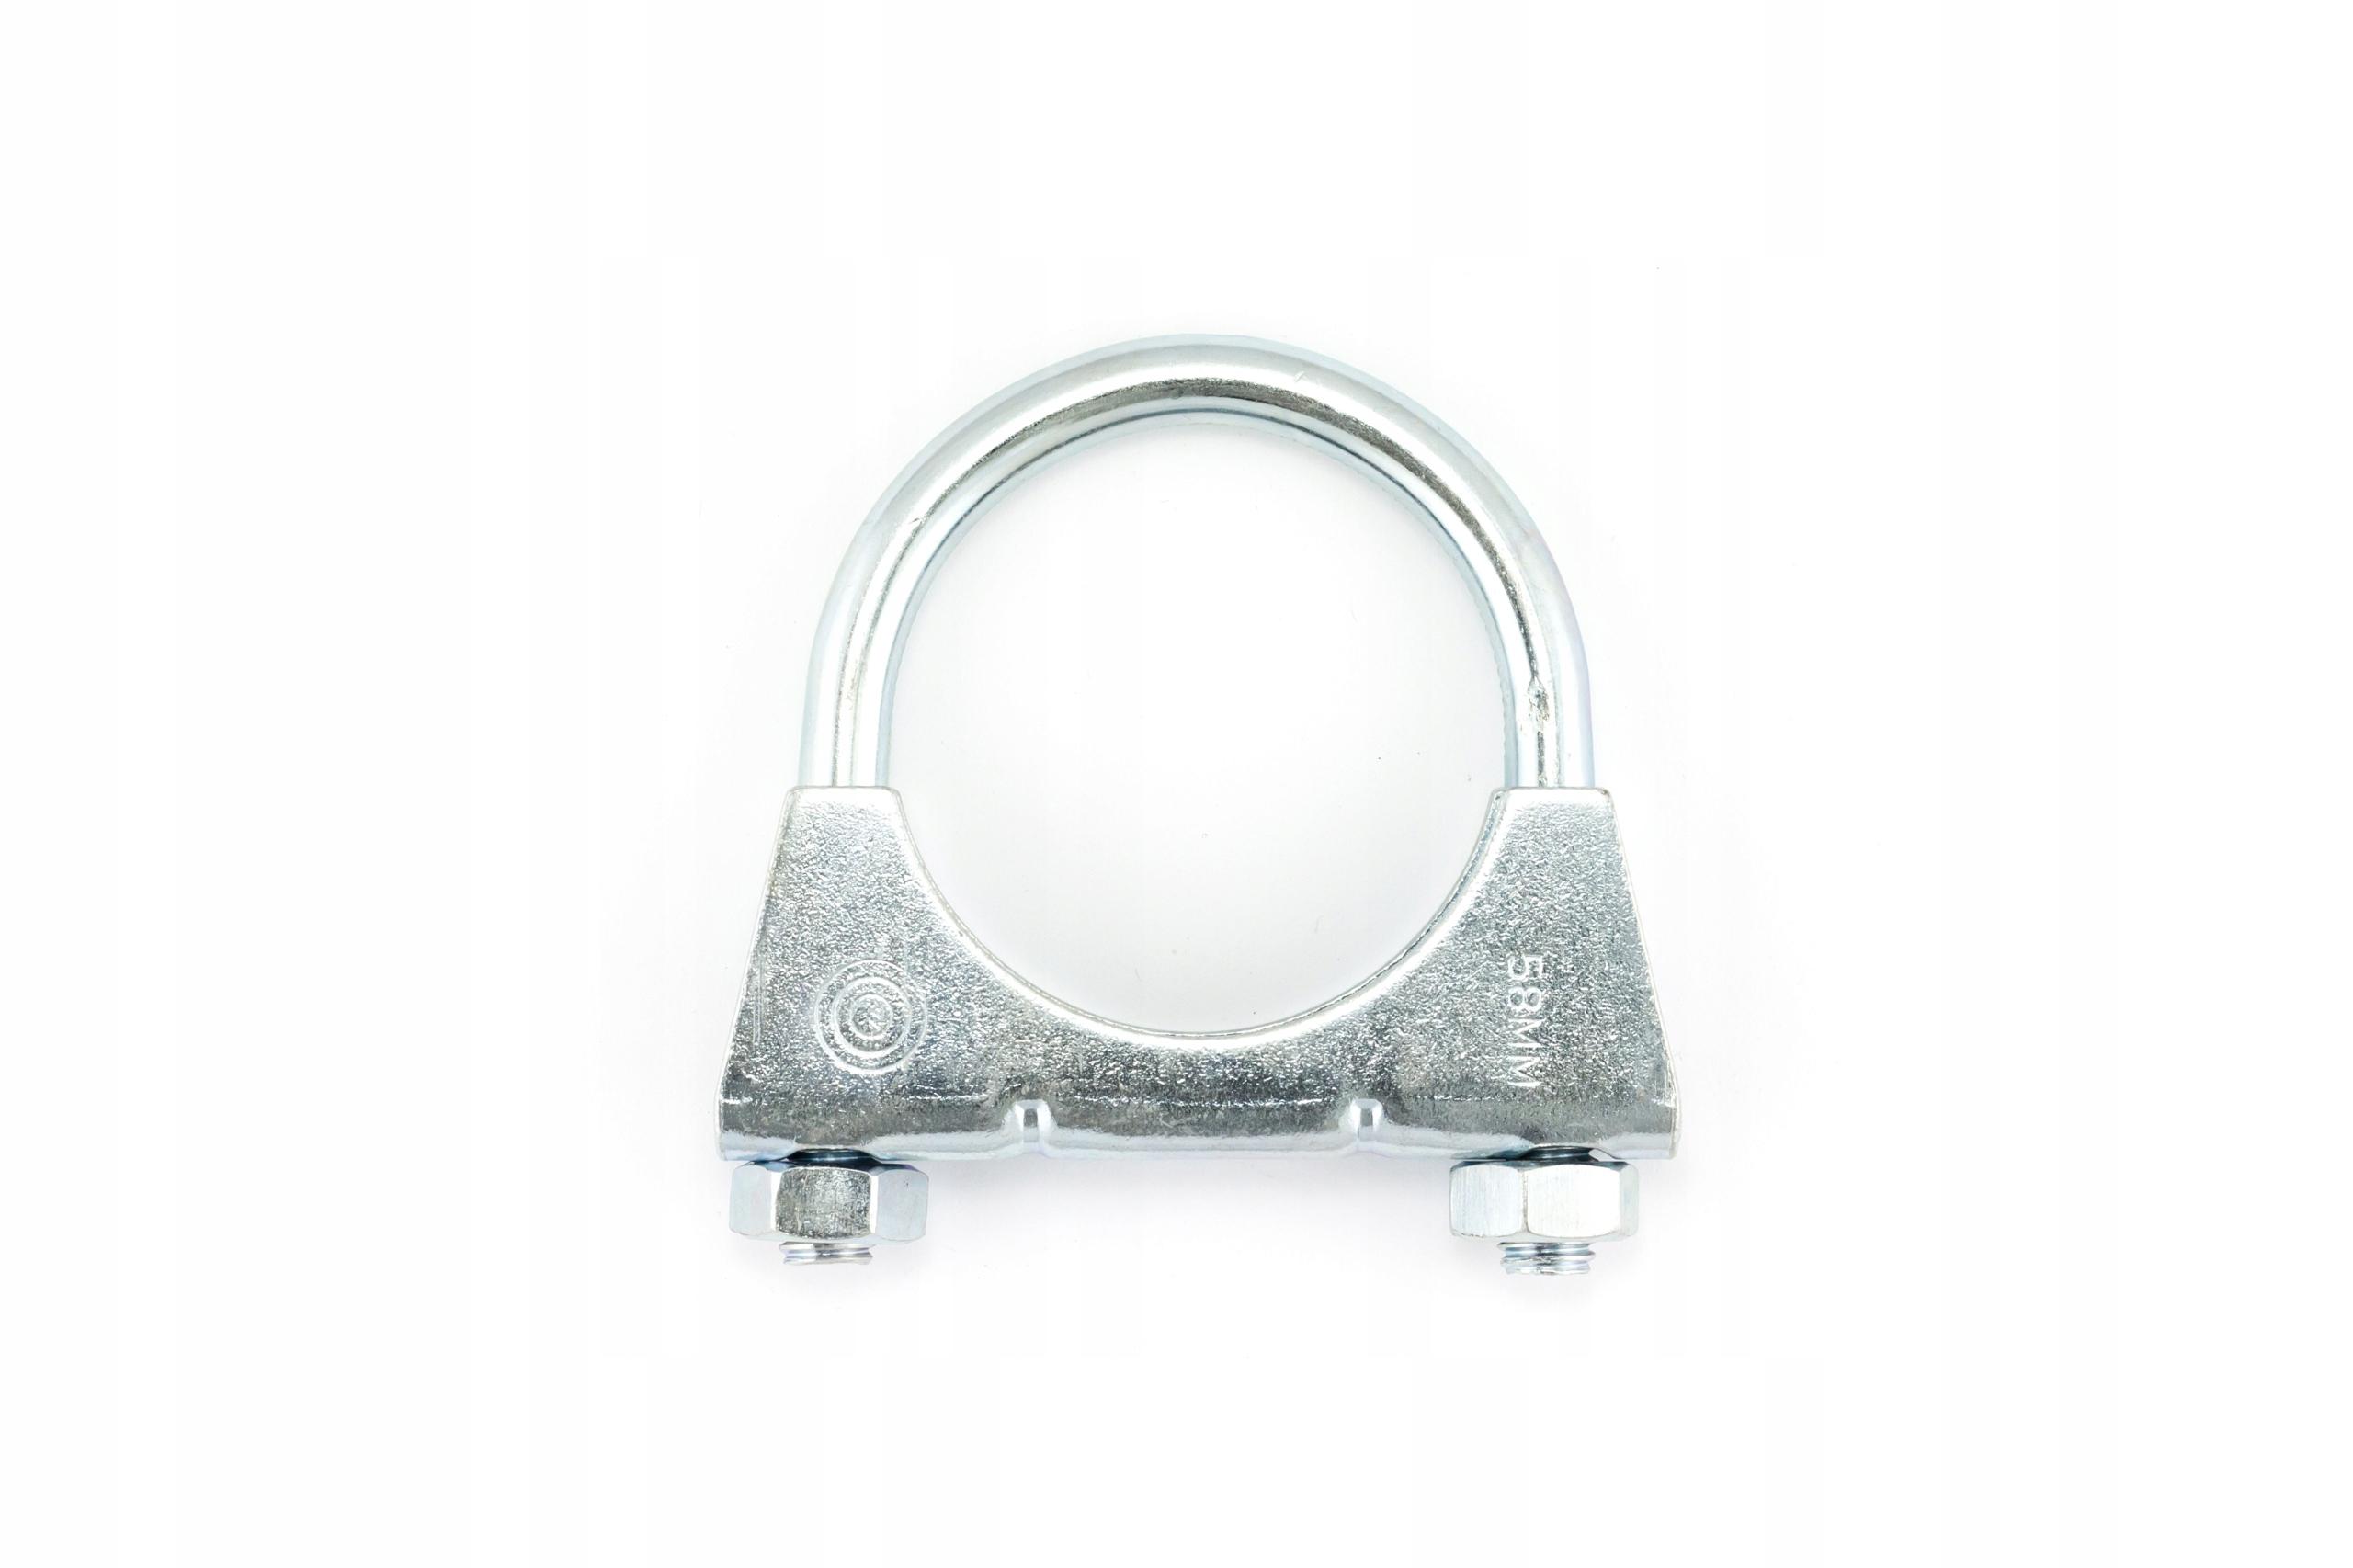 зажим повязка глушителя выдохе m10x58 мм fi 58 мм